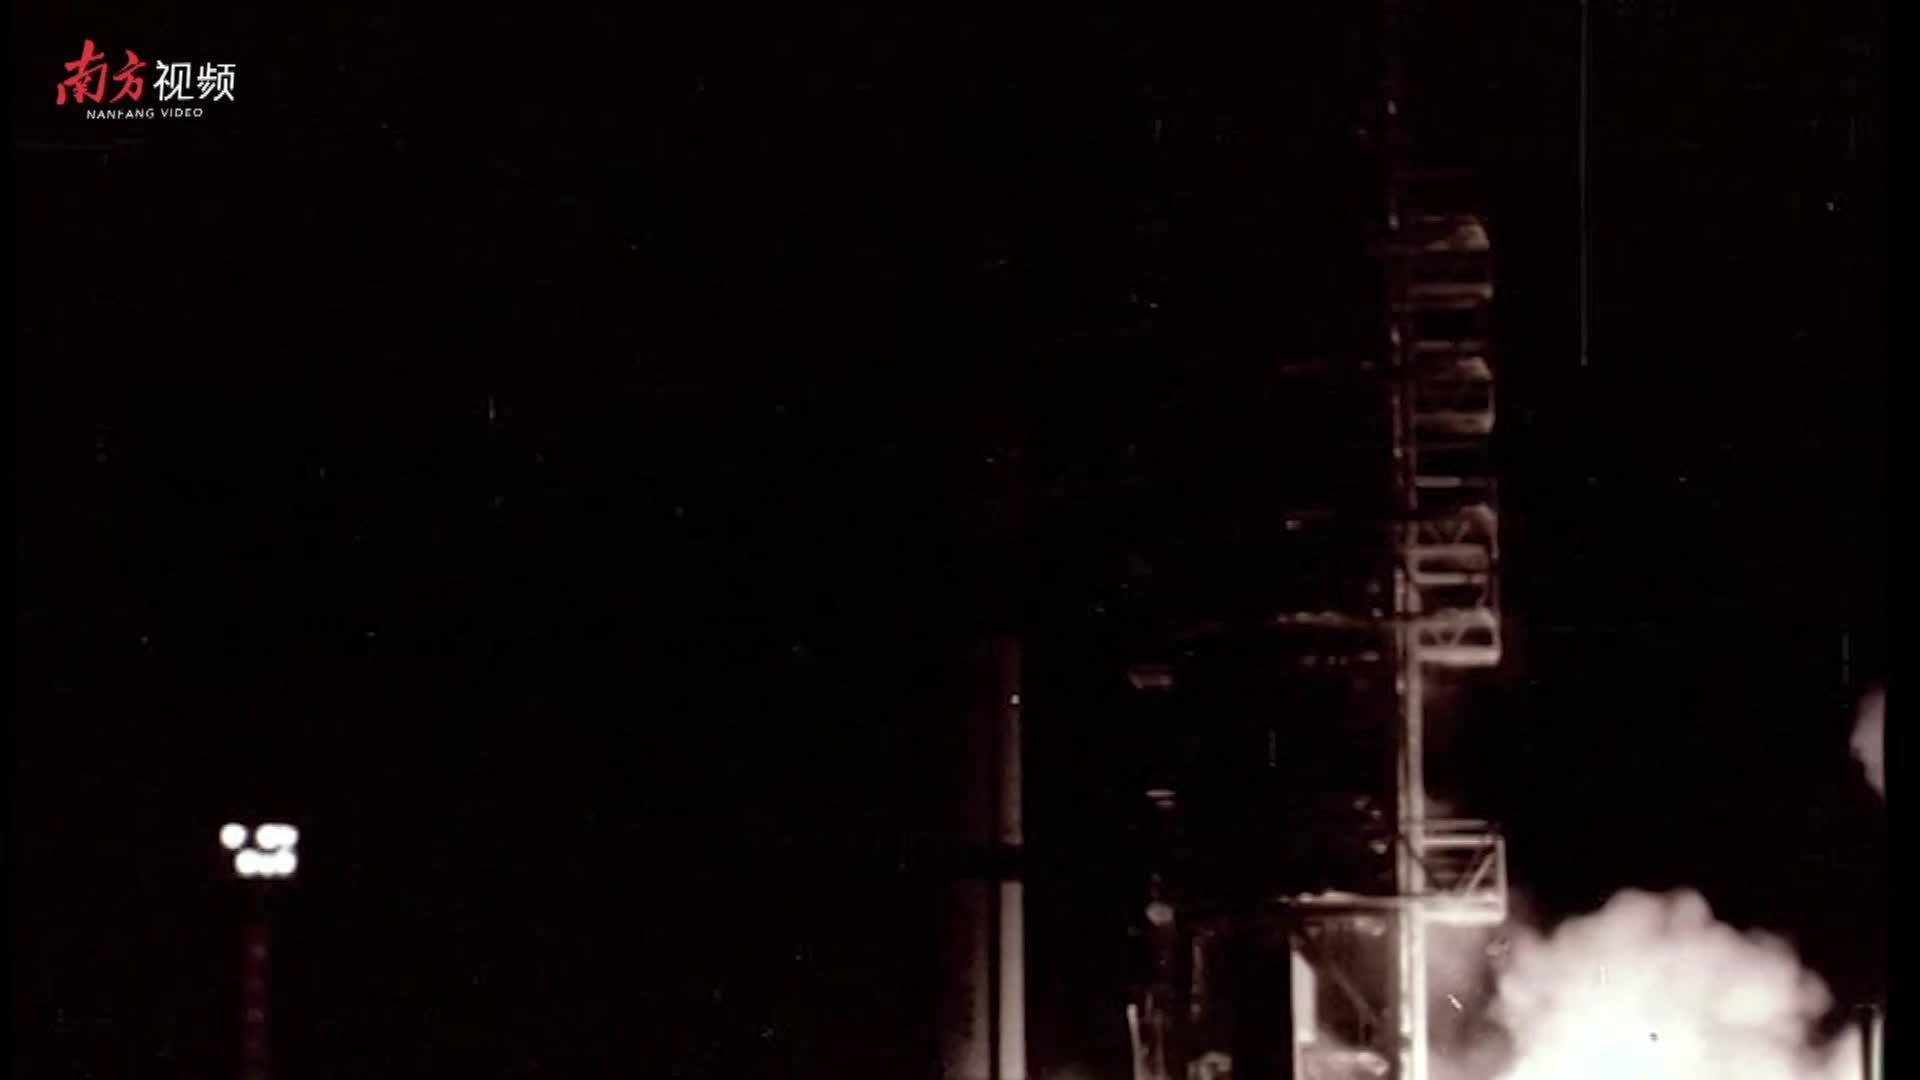 50年前的今天,《东方红》乐曲响彻太空